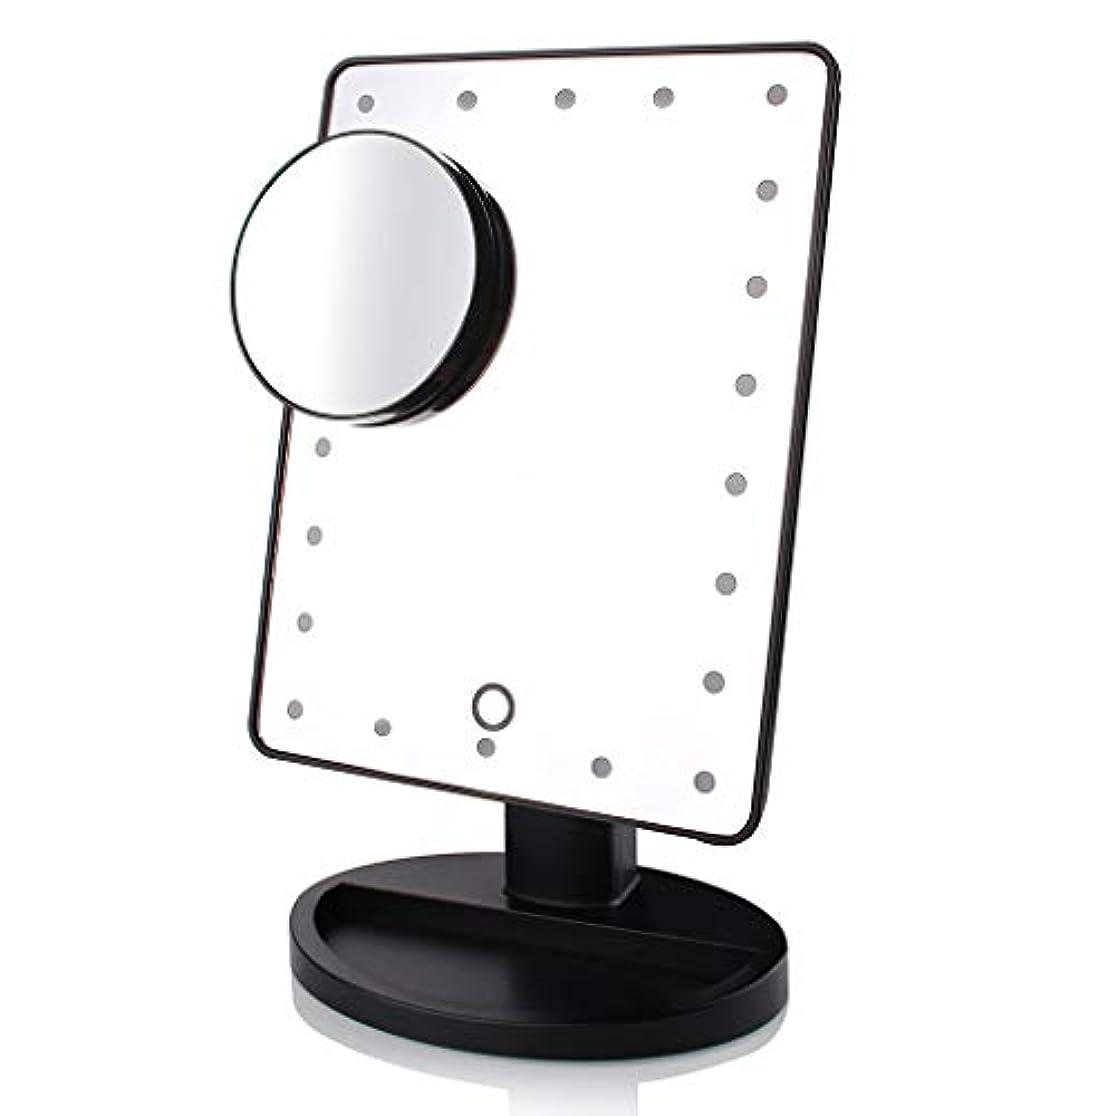 YBJPshop 22ライトLEDミラーライト、デスクトッププリンセスミラー化粧鏡 - タッチスクリーン調光 美容鏡化粧室バスルーム